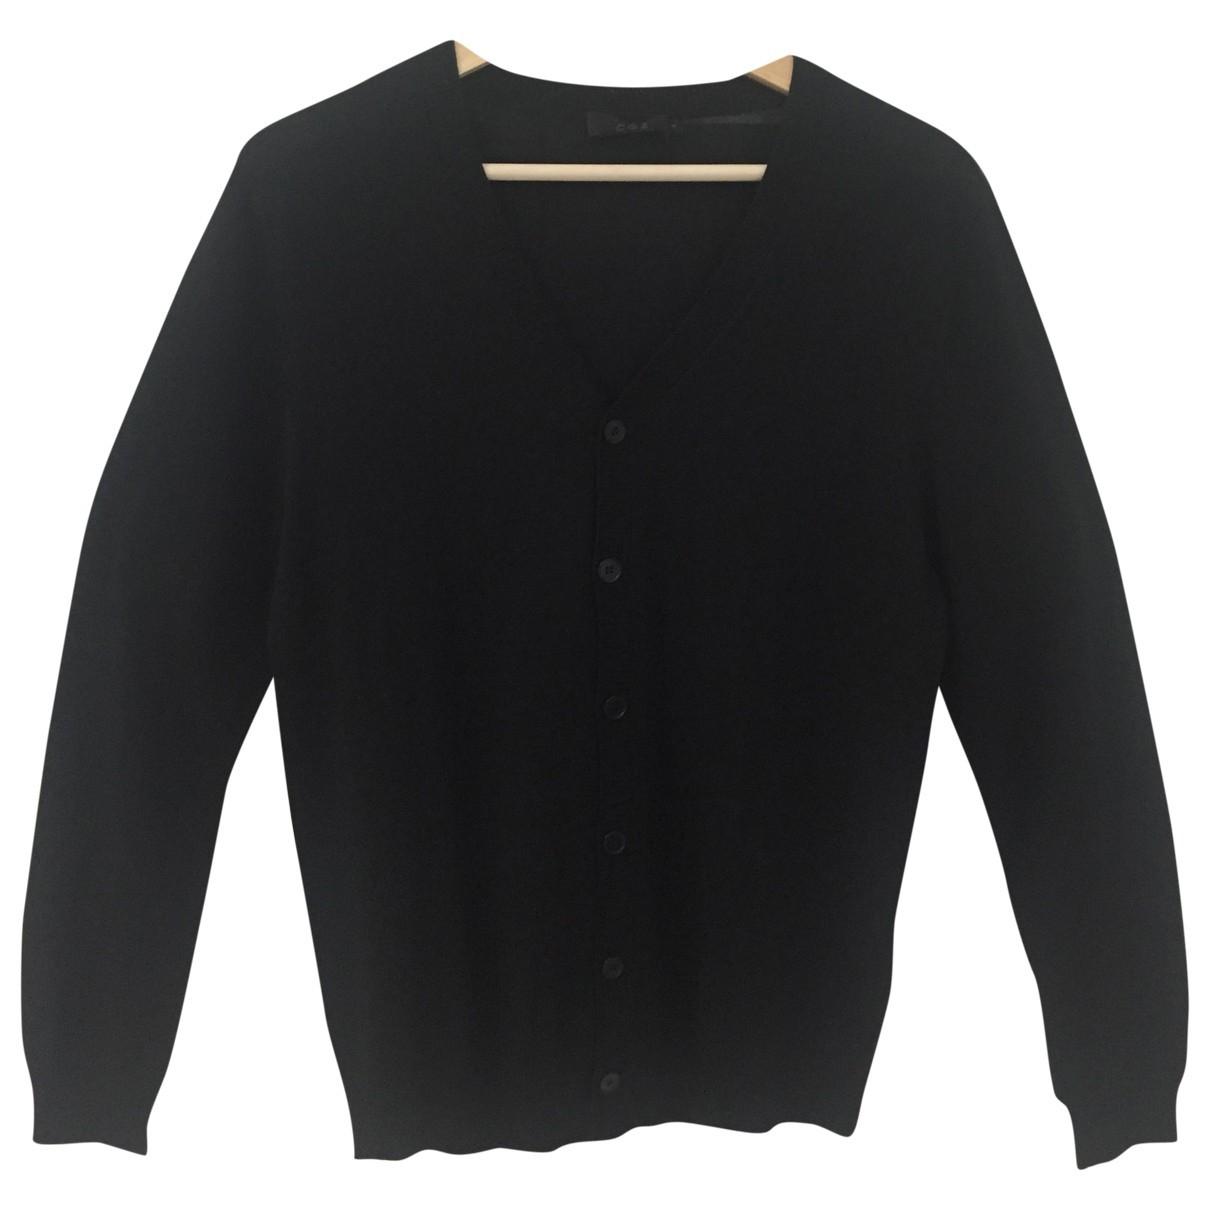 Cos \N Black Wool Knitwear & Sweatshirts for Men S International